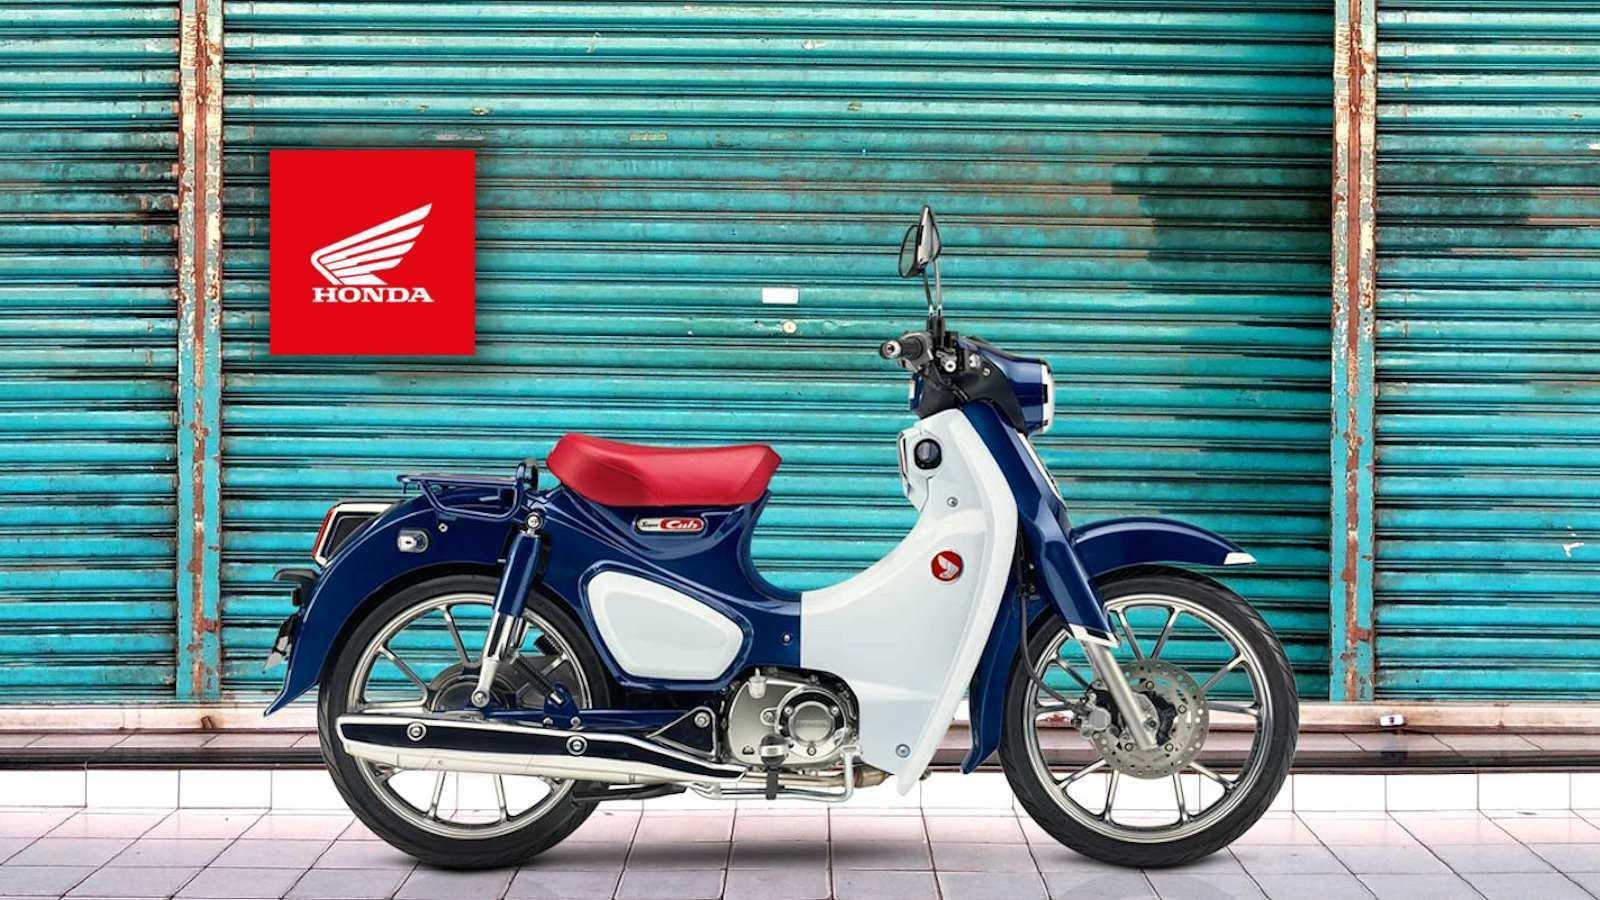 34 All New 2019 Honda 125 Cub Style by 2019 Honda 125 Cub